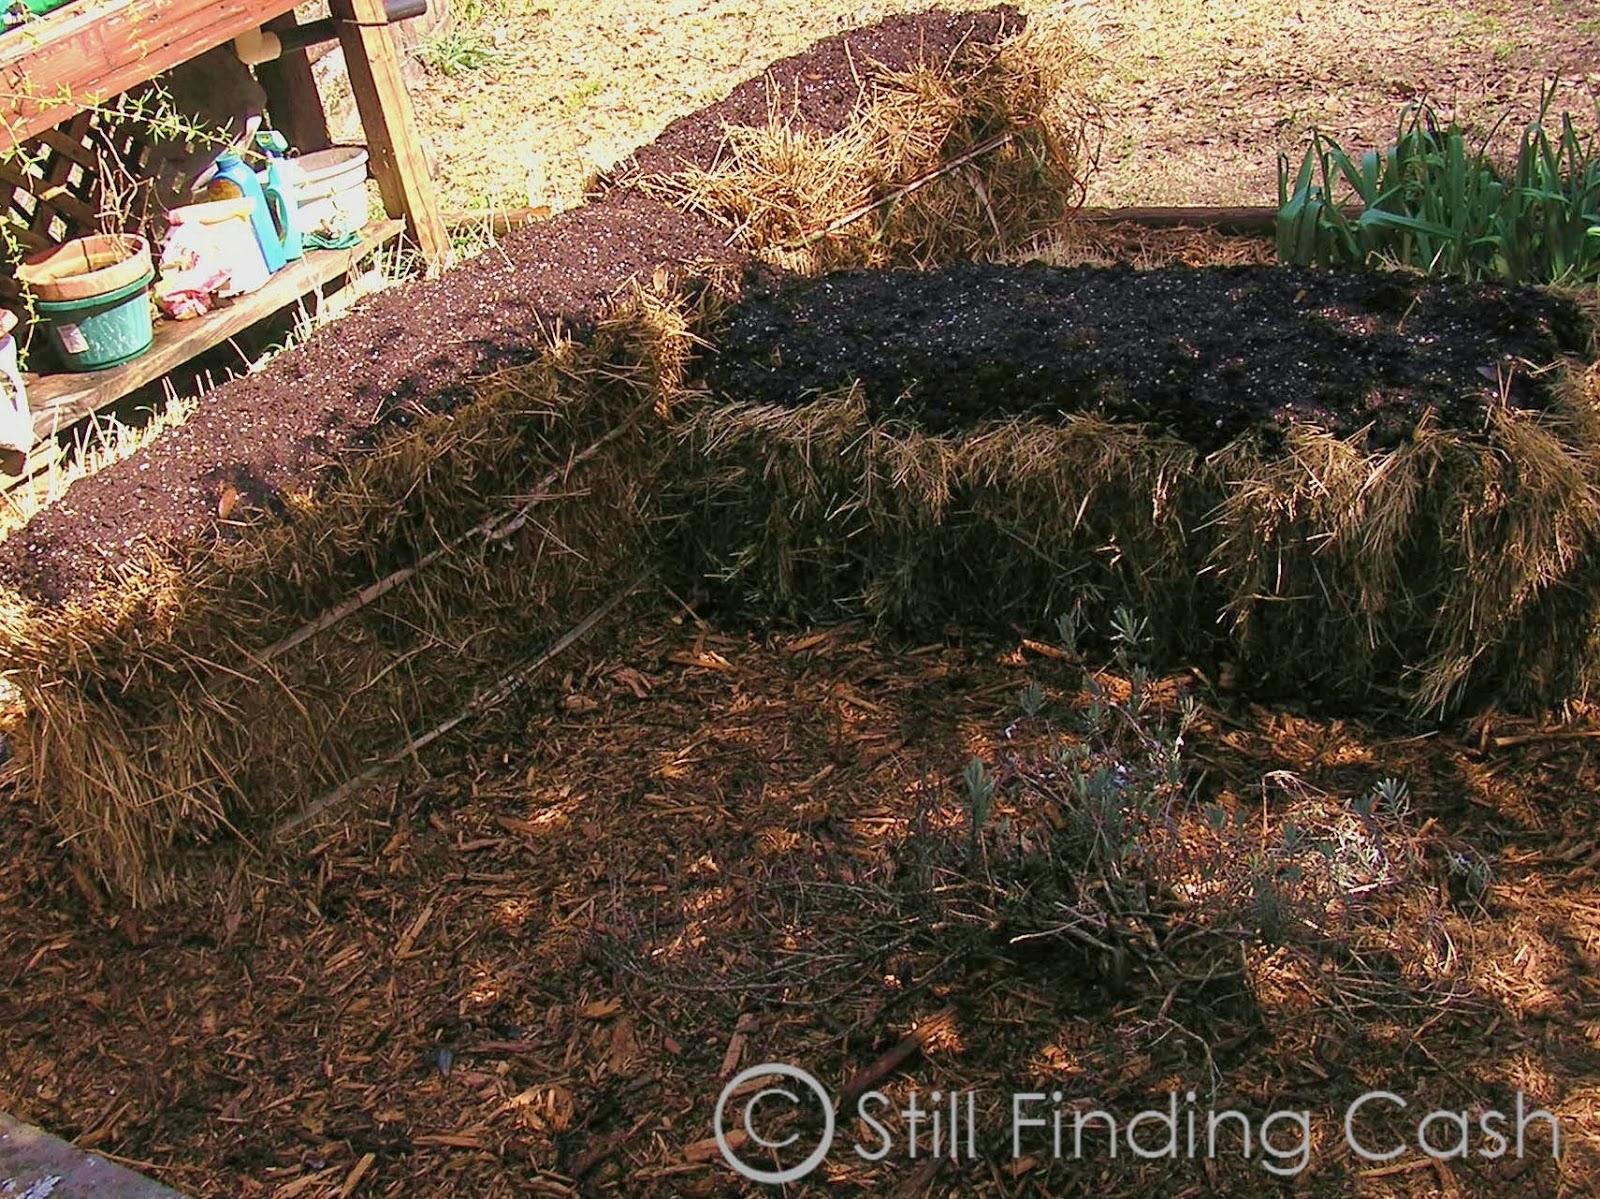 Still Finding Cash: (2) Hay Bale Gardening - Update